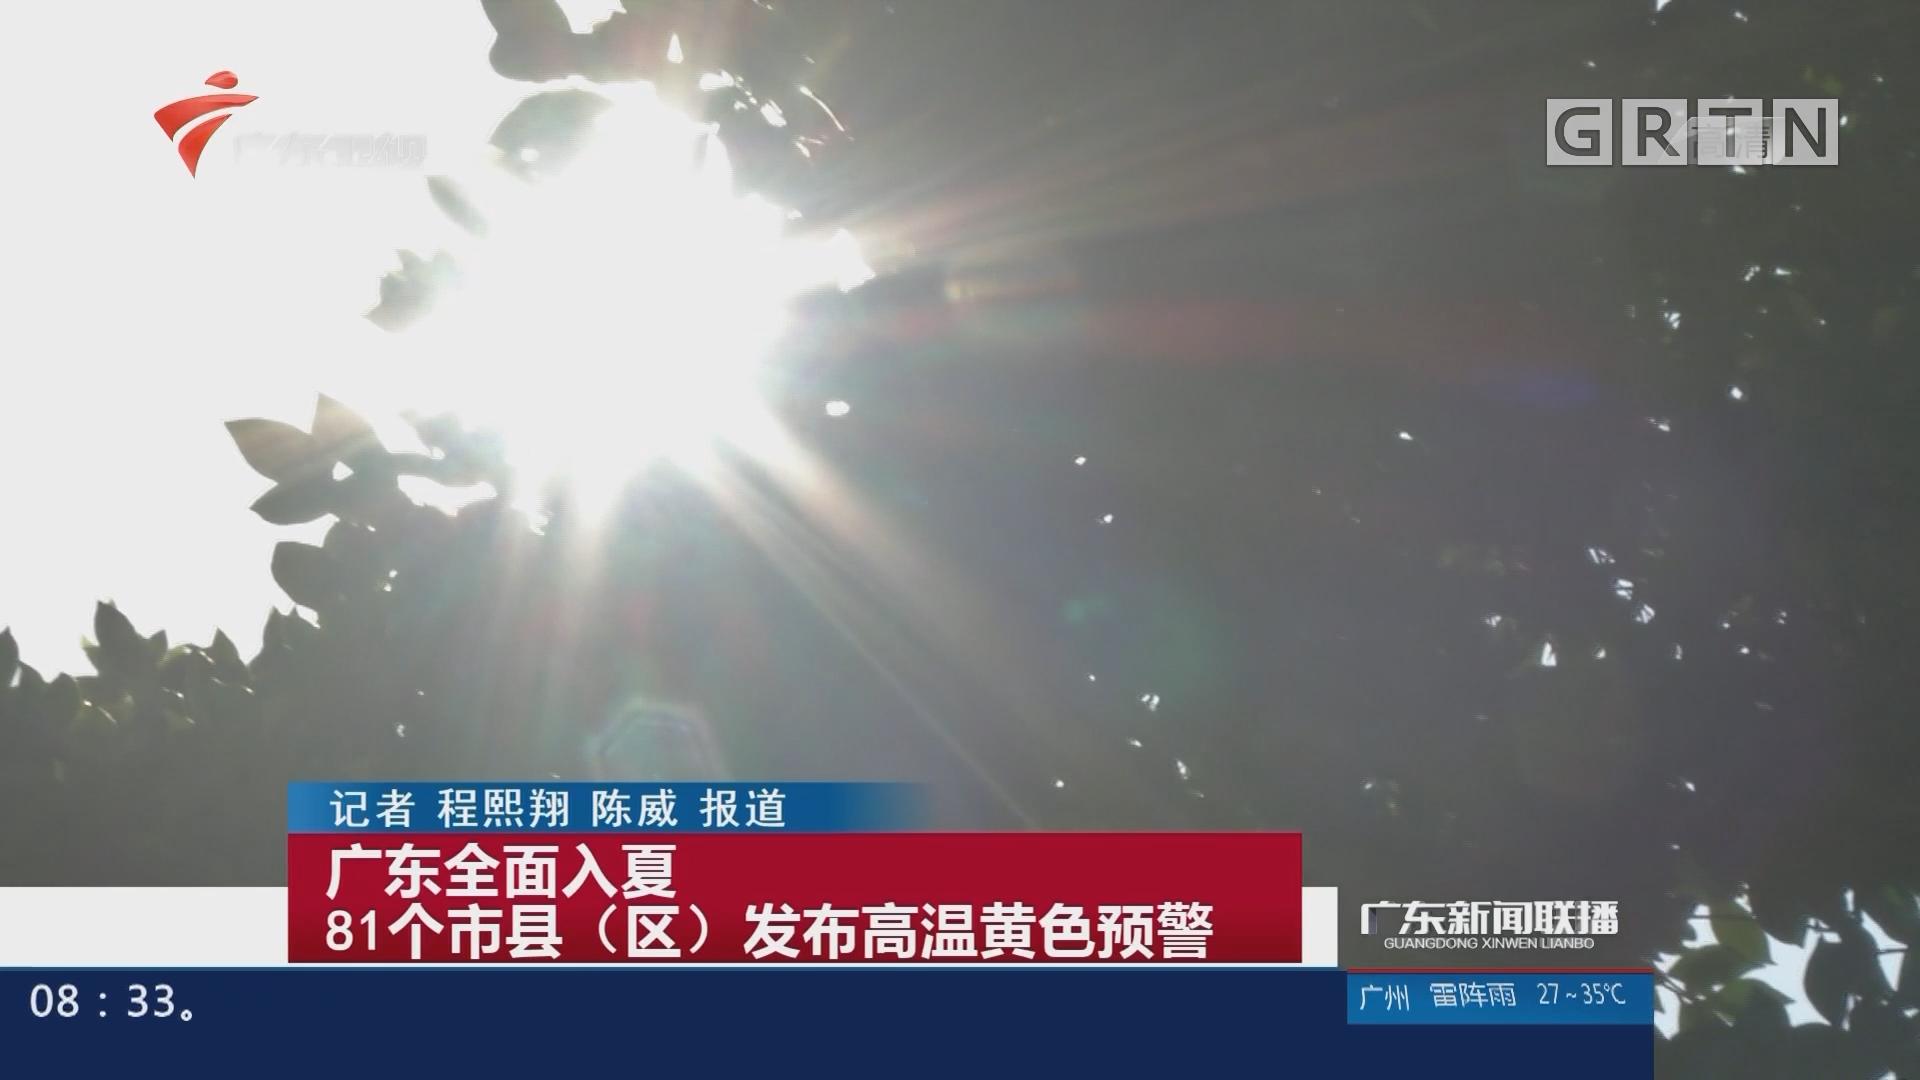 广东全面入夏 81个市县(区)发布高温黄色预警